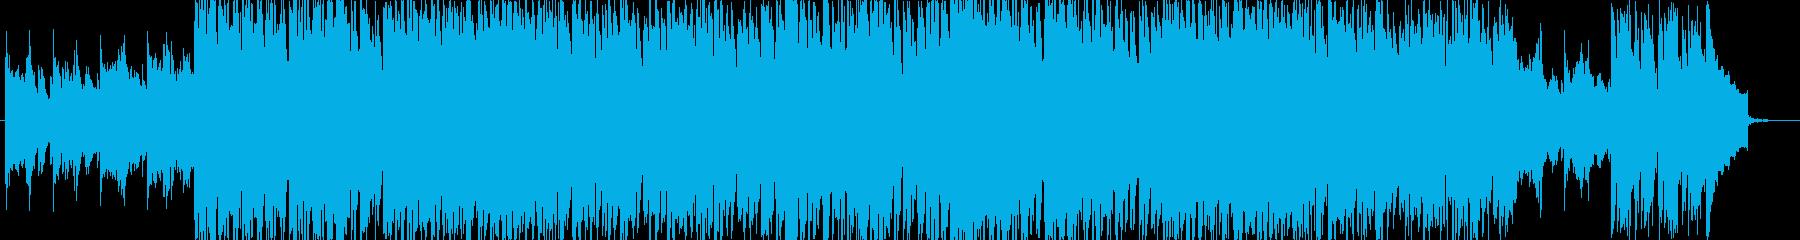 おどろおどろしい物の怪さんの楽曲の再生済みの波形